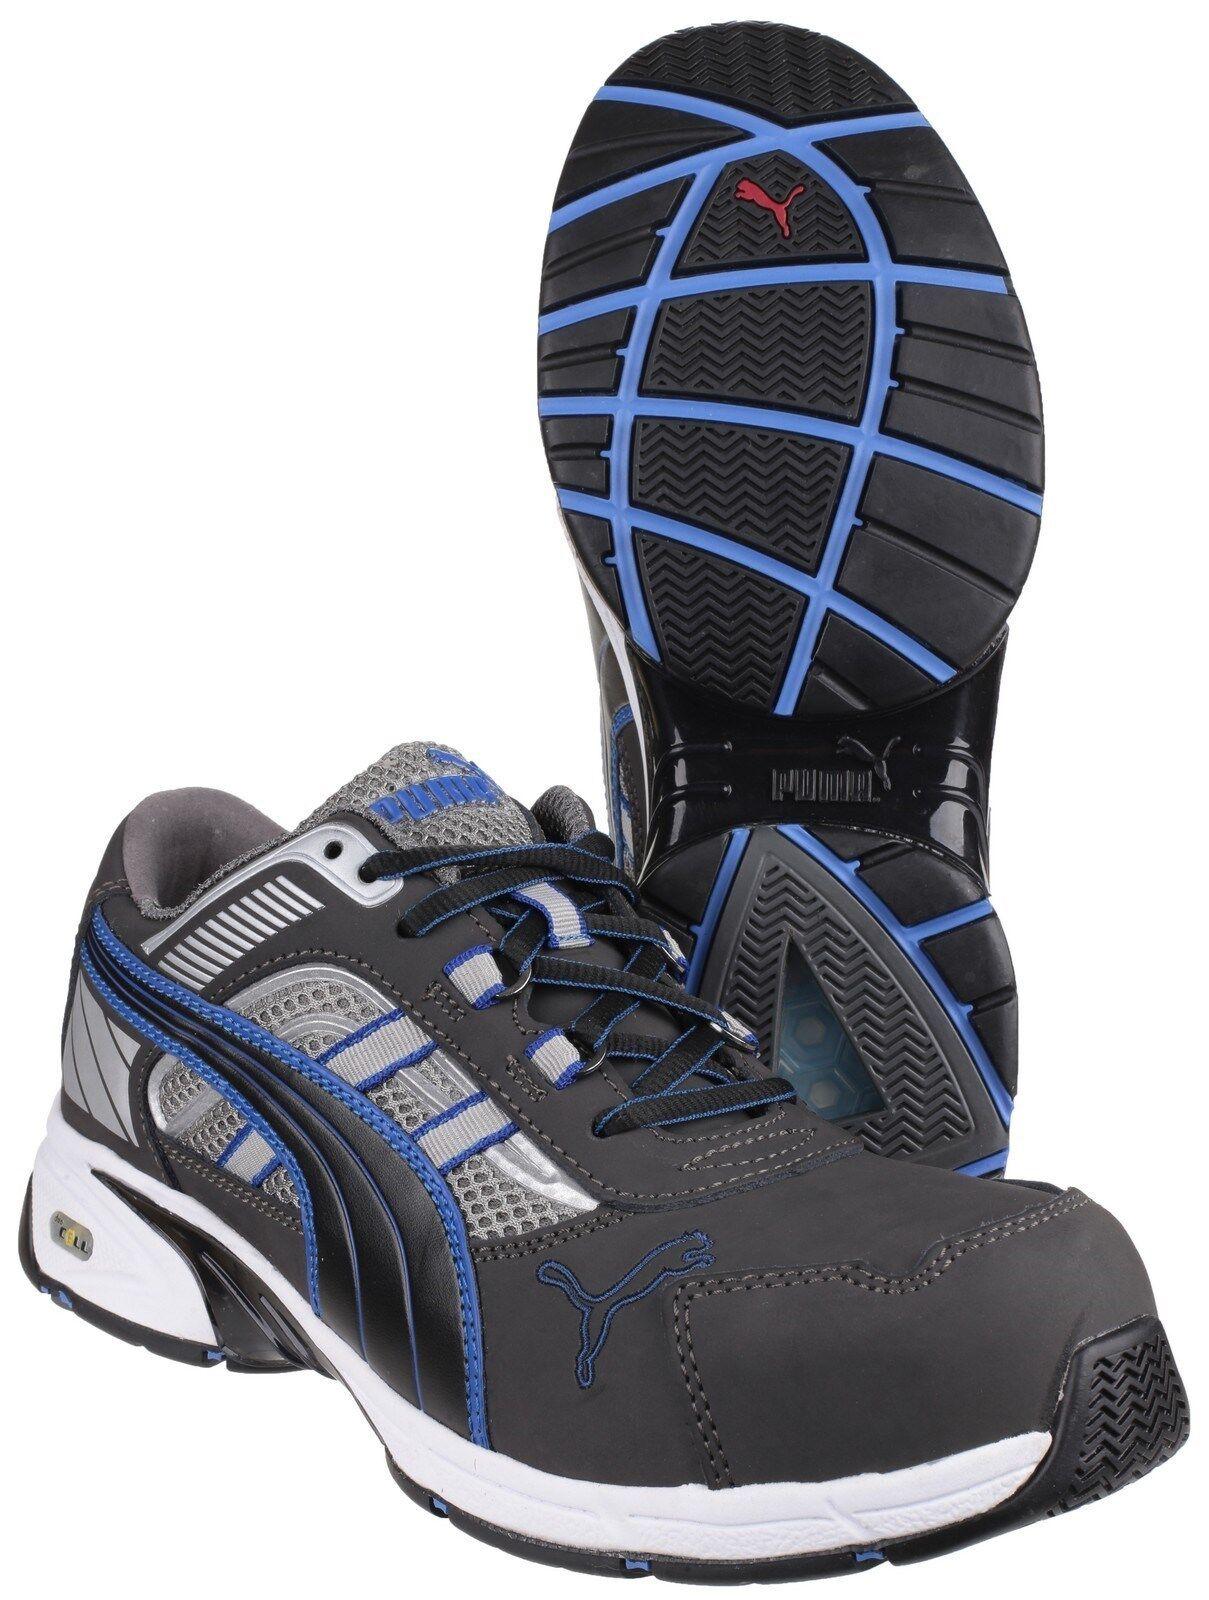 Puma ritmo Azul Entrenadores De Seguridad Industrial trabajo Puntera Composite Zapatos de trabajo Industrial para hombre 495282